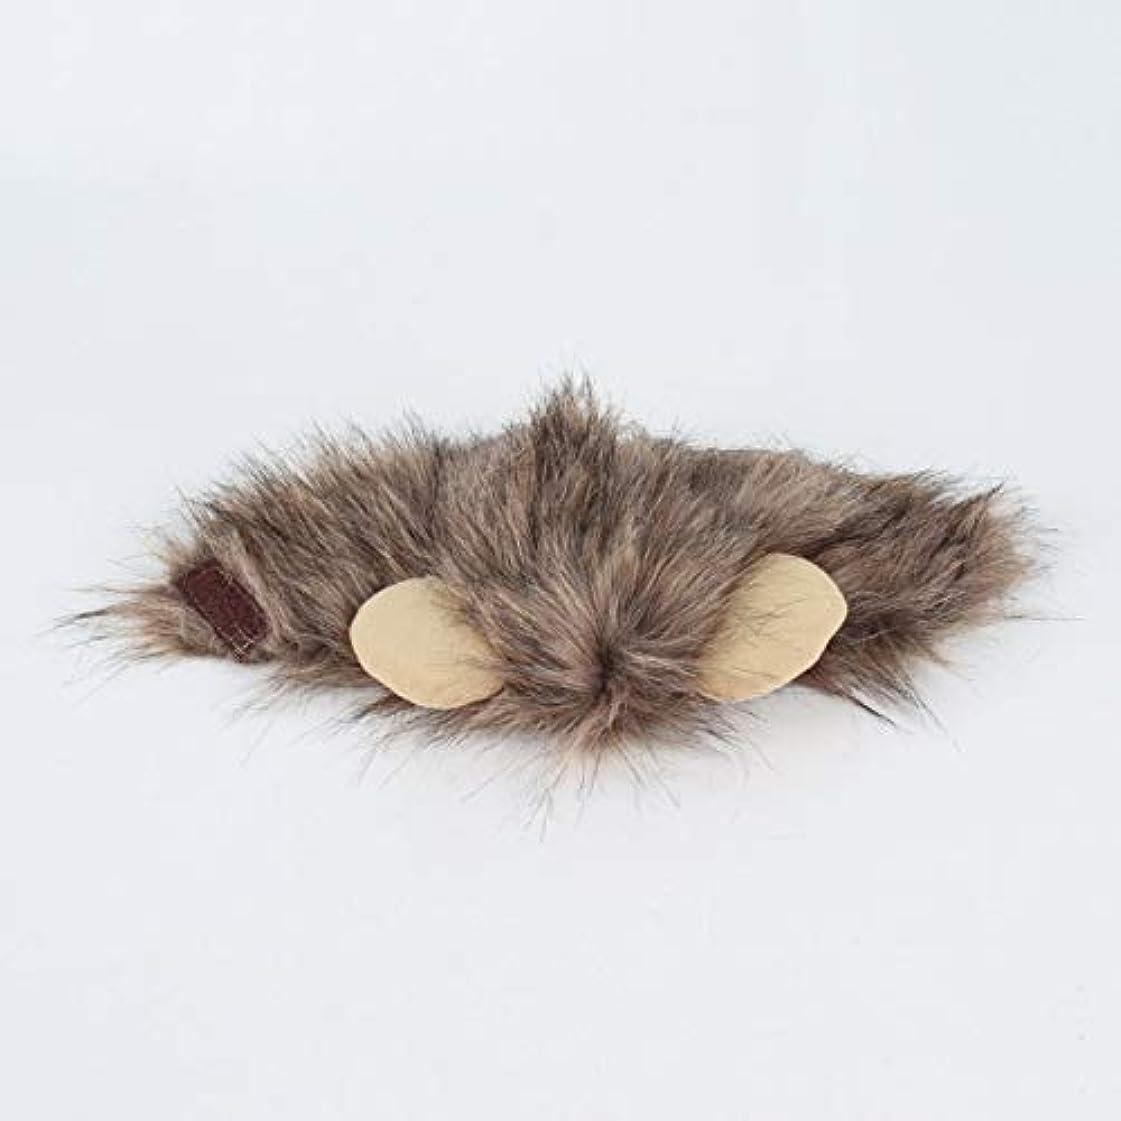 キャンセルクラックポットシャンプーSaikogoods おかしいかわいいペットキャップコスプレライオンの形の帽子後背位キティライオンハット快適なキャットハットソフト子犬ウィッグ通気性のアニマルキャップ 褐色 M